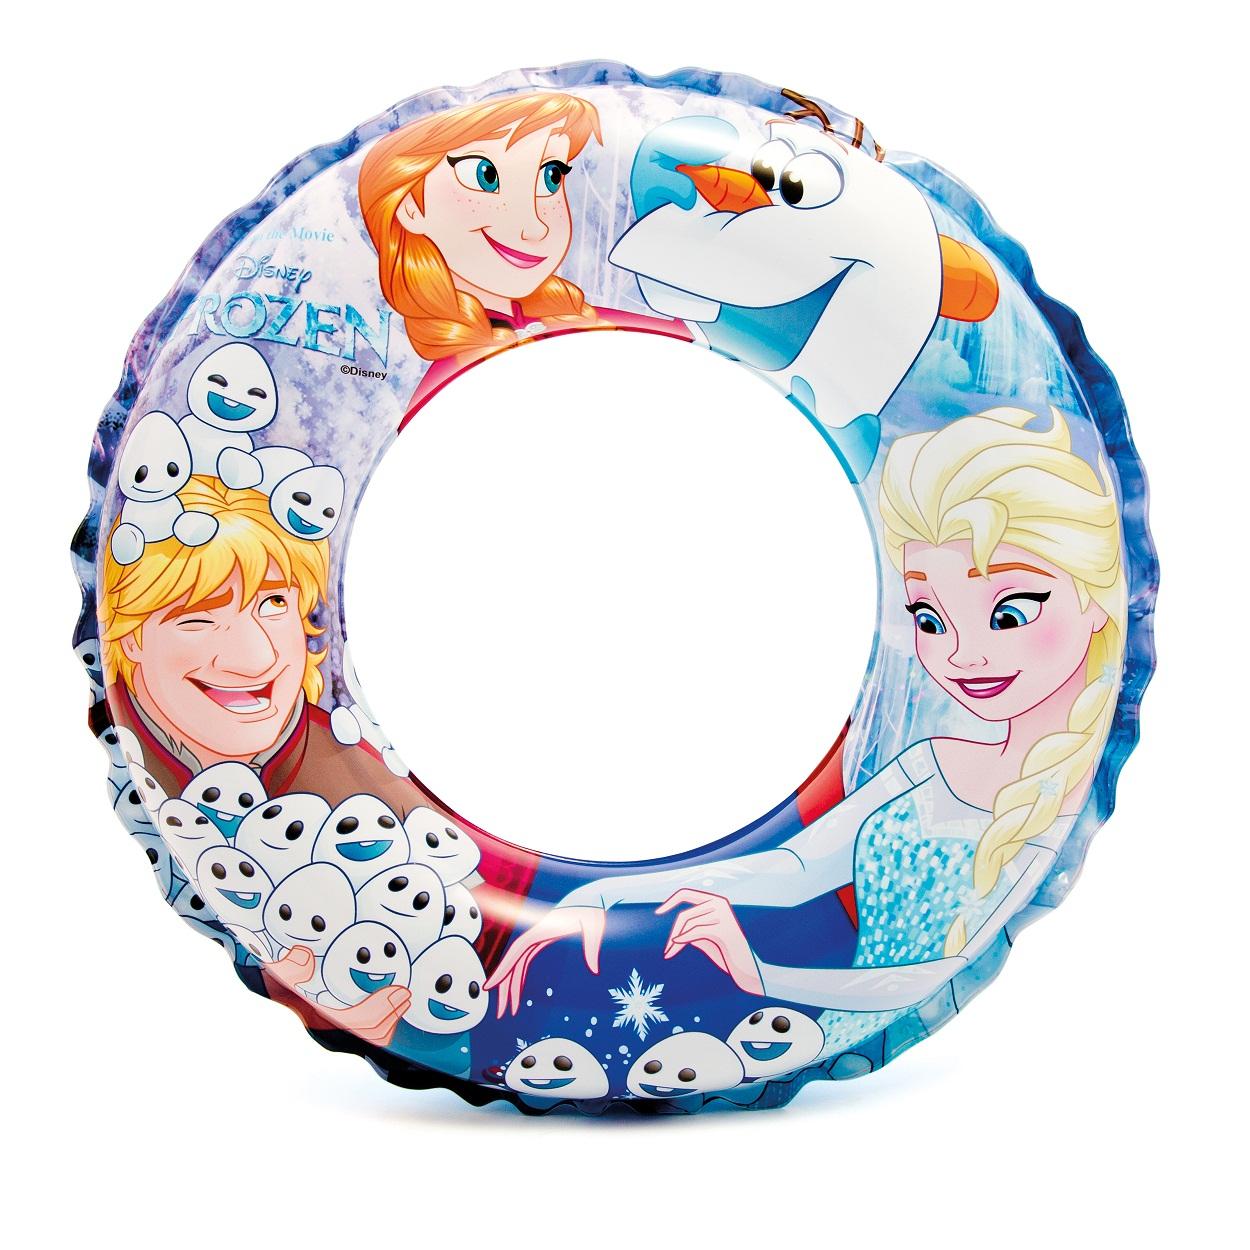 Круг надувной для плавания Disney – Холодное сердце, диаметр 51 смНадувные животные, круги и матрацы<br>Круг надувной для плавания Disney – Холодное сердце, диаметр 51 см<br>